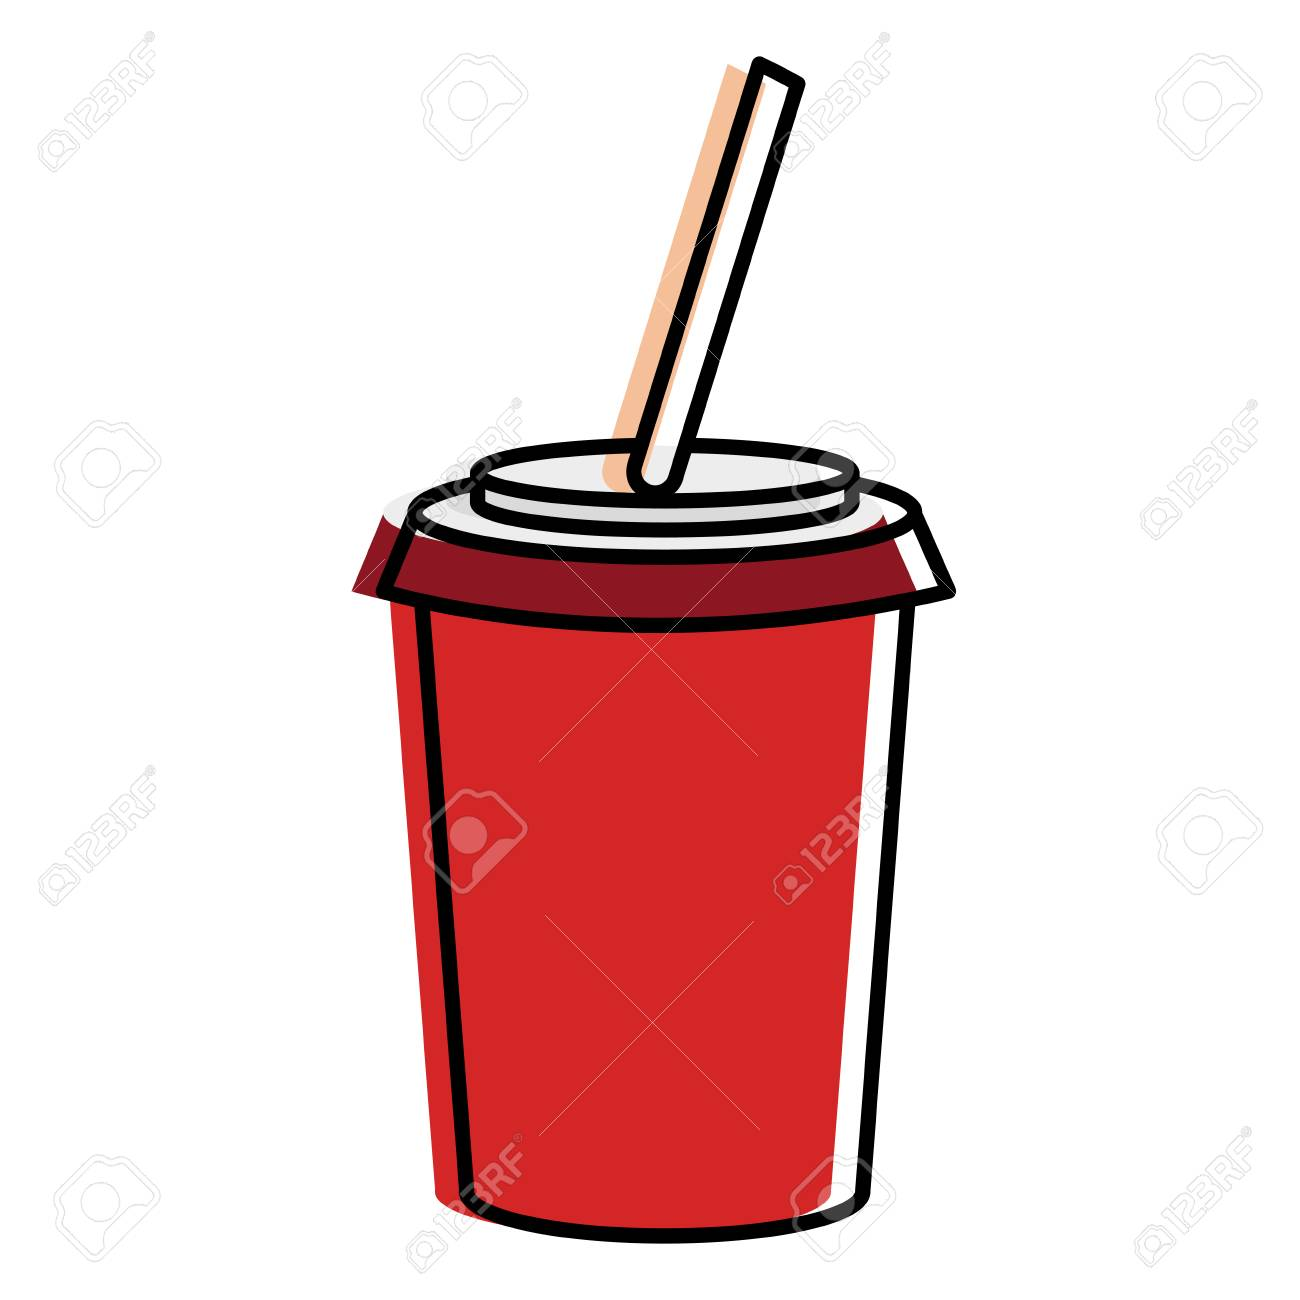 tasse de soda isol ic ne vector illustration design clip art libres rh fr 123rf com